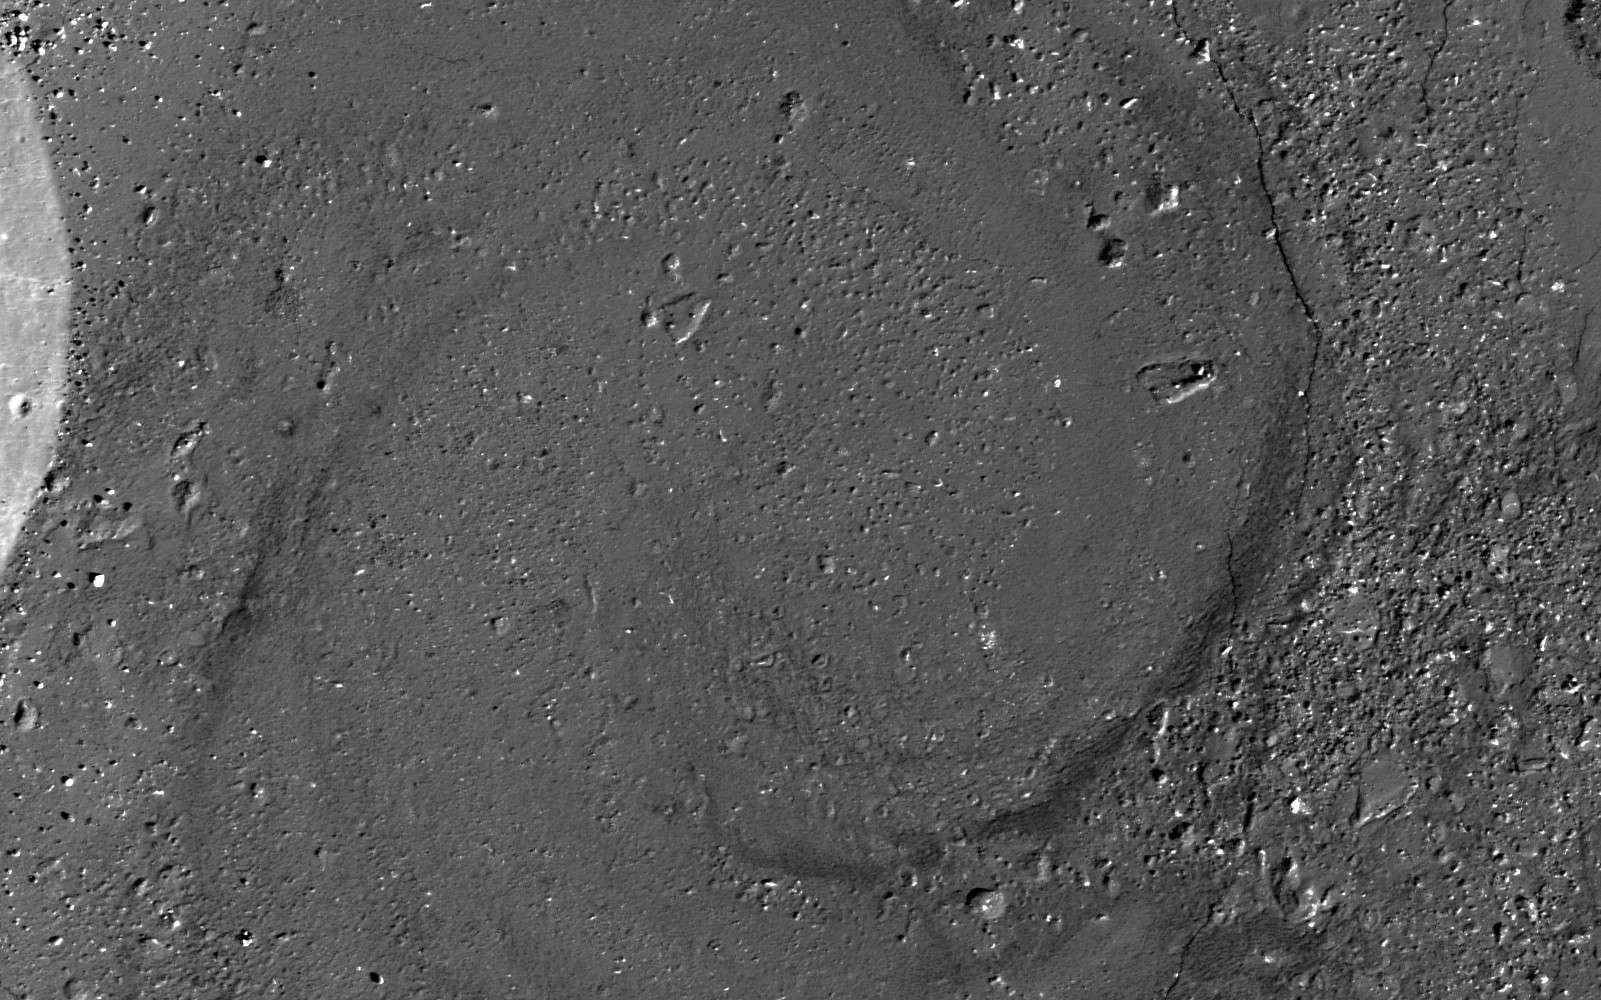 Photographié par la sonde LRO, ce motif en spirale d'environ un kilomètre de diamètre orne le fond du cratère lunaire Giordano Bruno. Les scientifiques pensent que des coulées de lave de différentes viscosités pourraient s'enrouler pour former un tel dessin. © Nasa, GSFC, Arizona State University